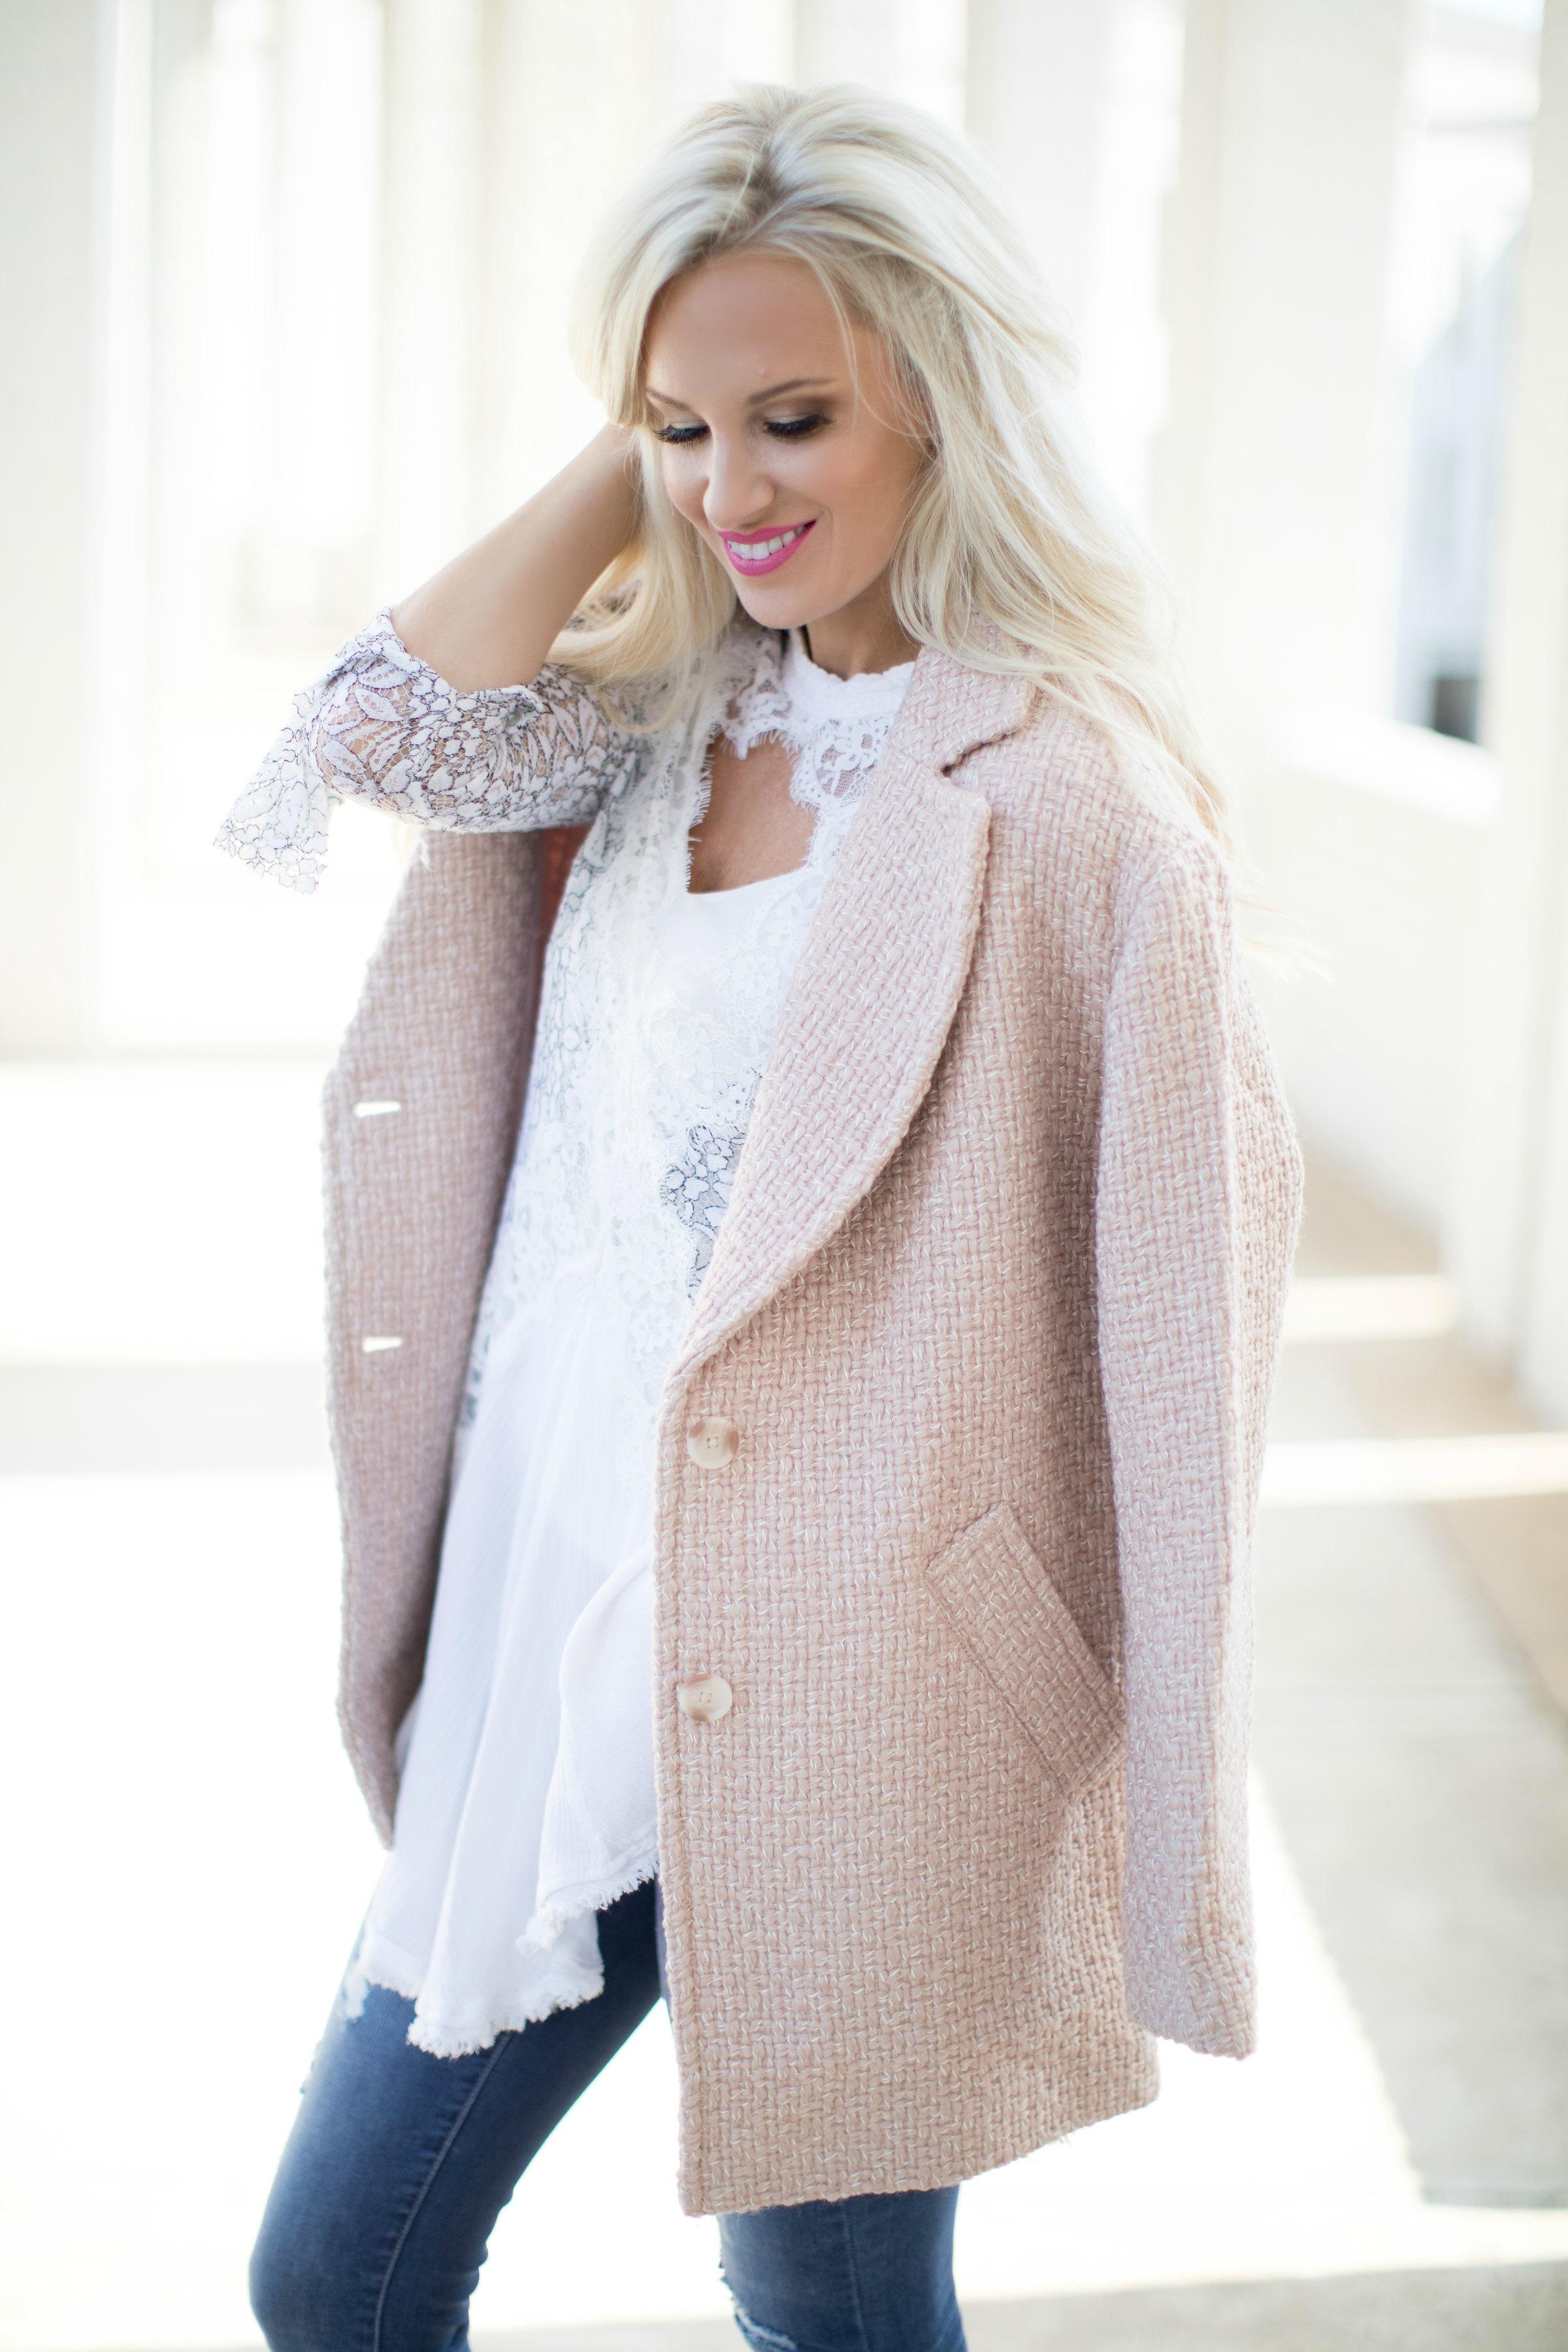 Blush Oversized Pea Coat And White Lace Tunic